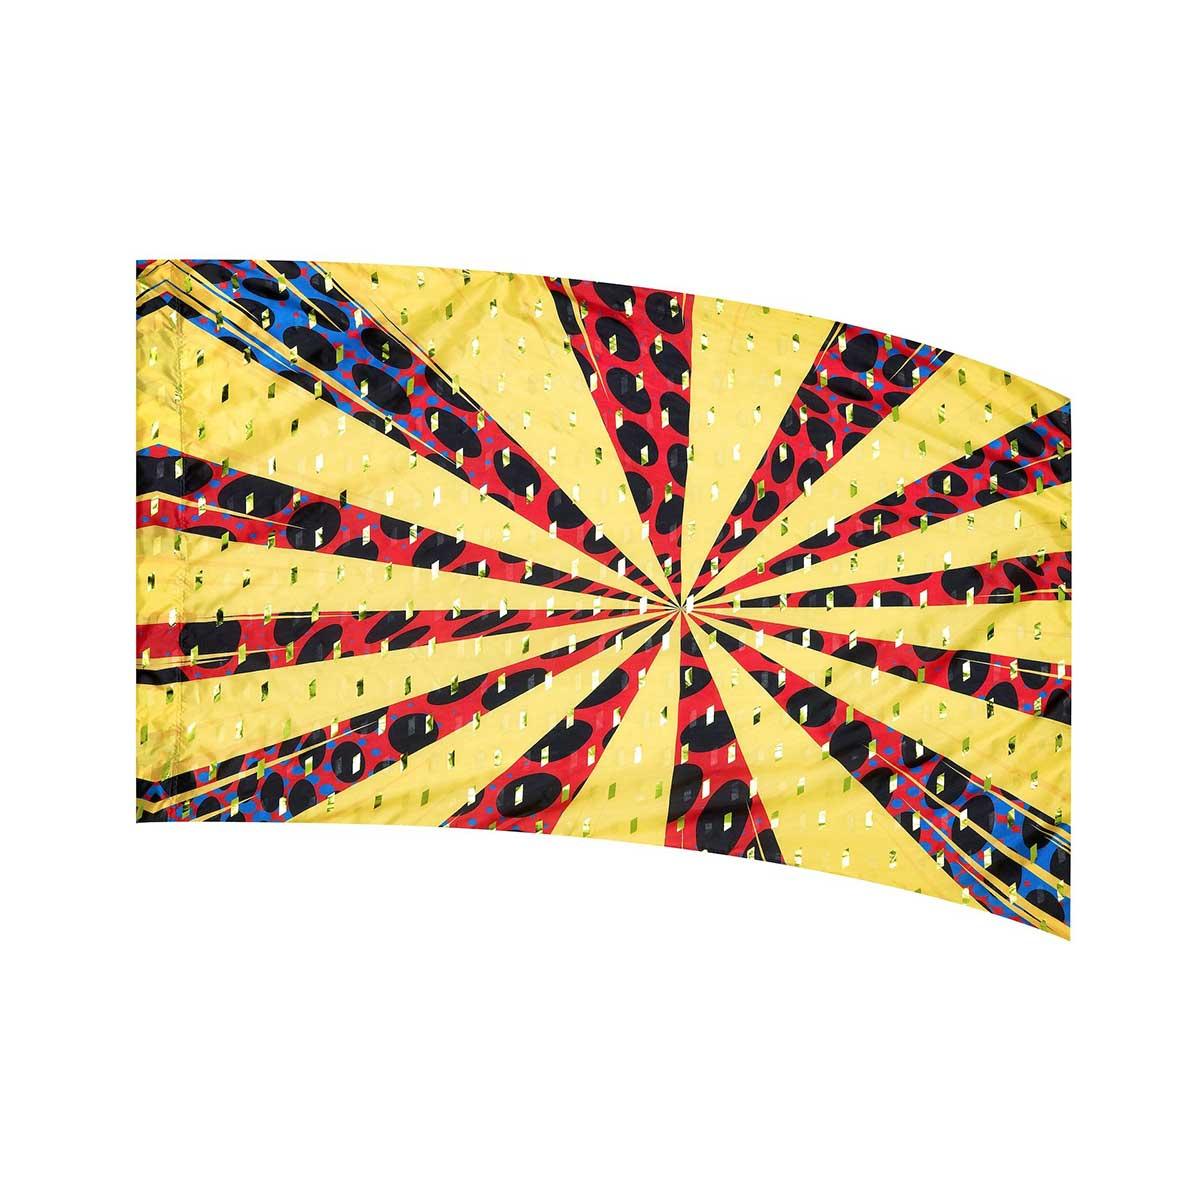 In-Stock Genesis Flags: 1018